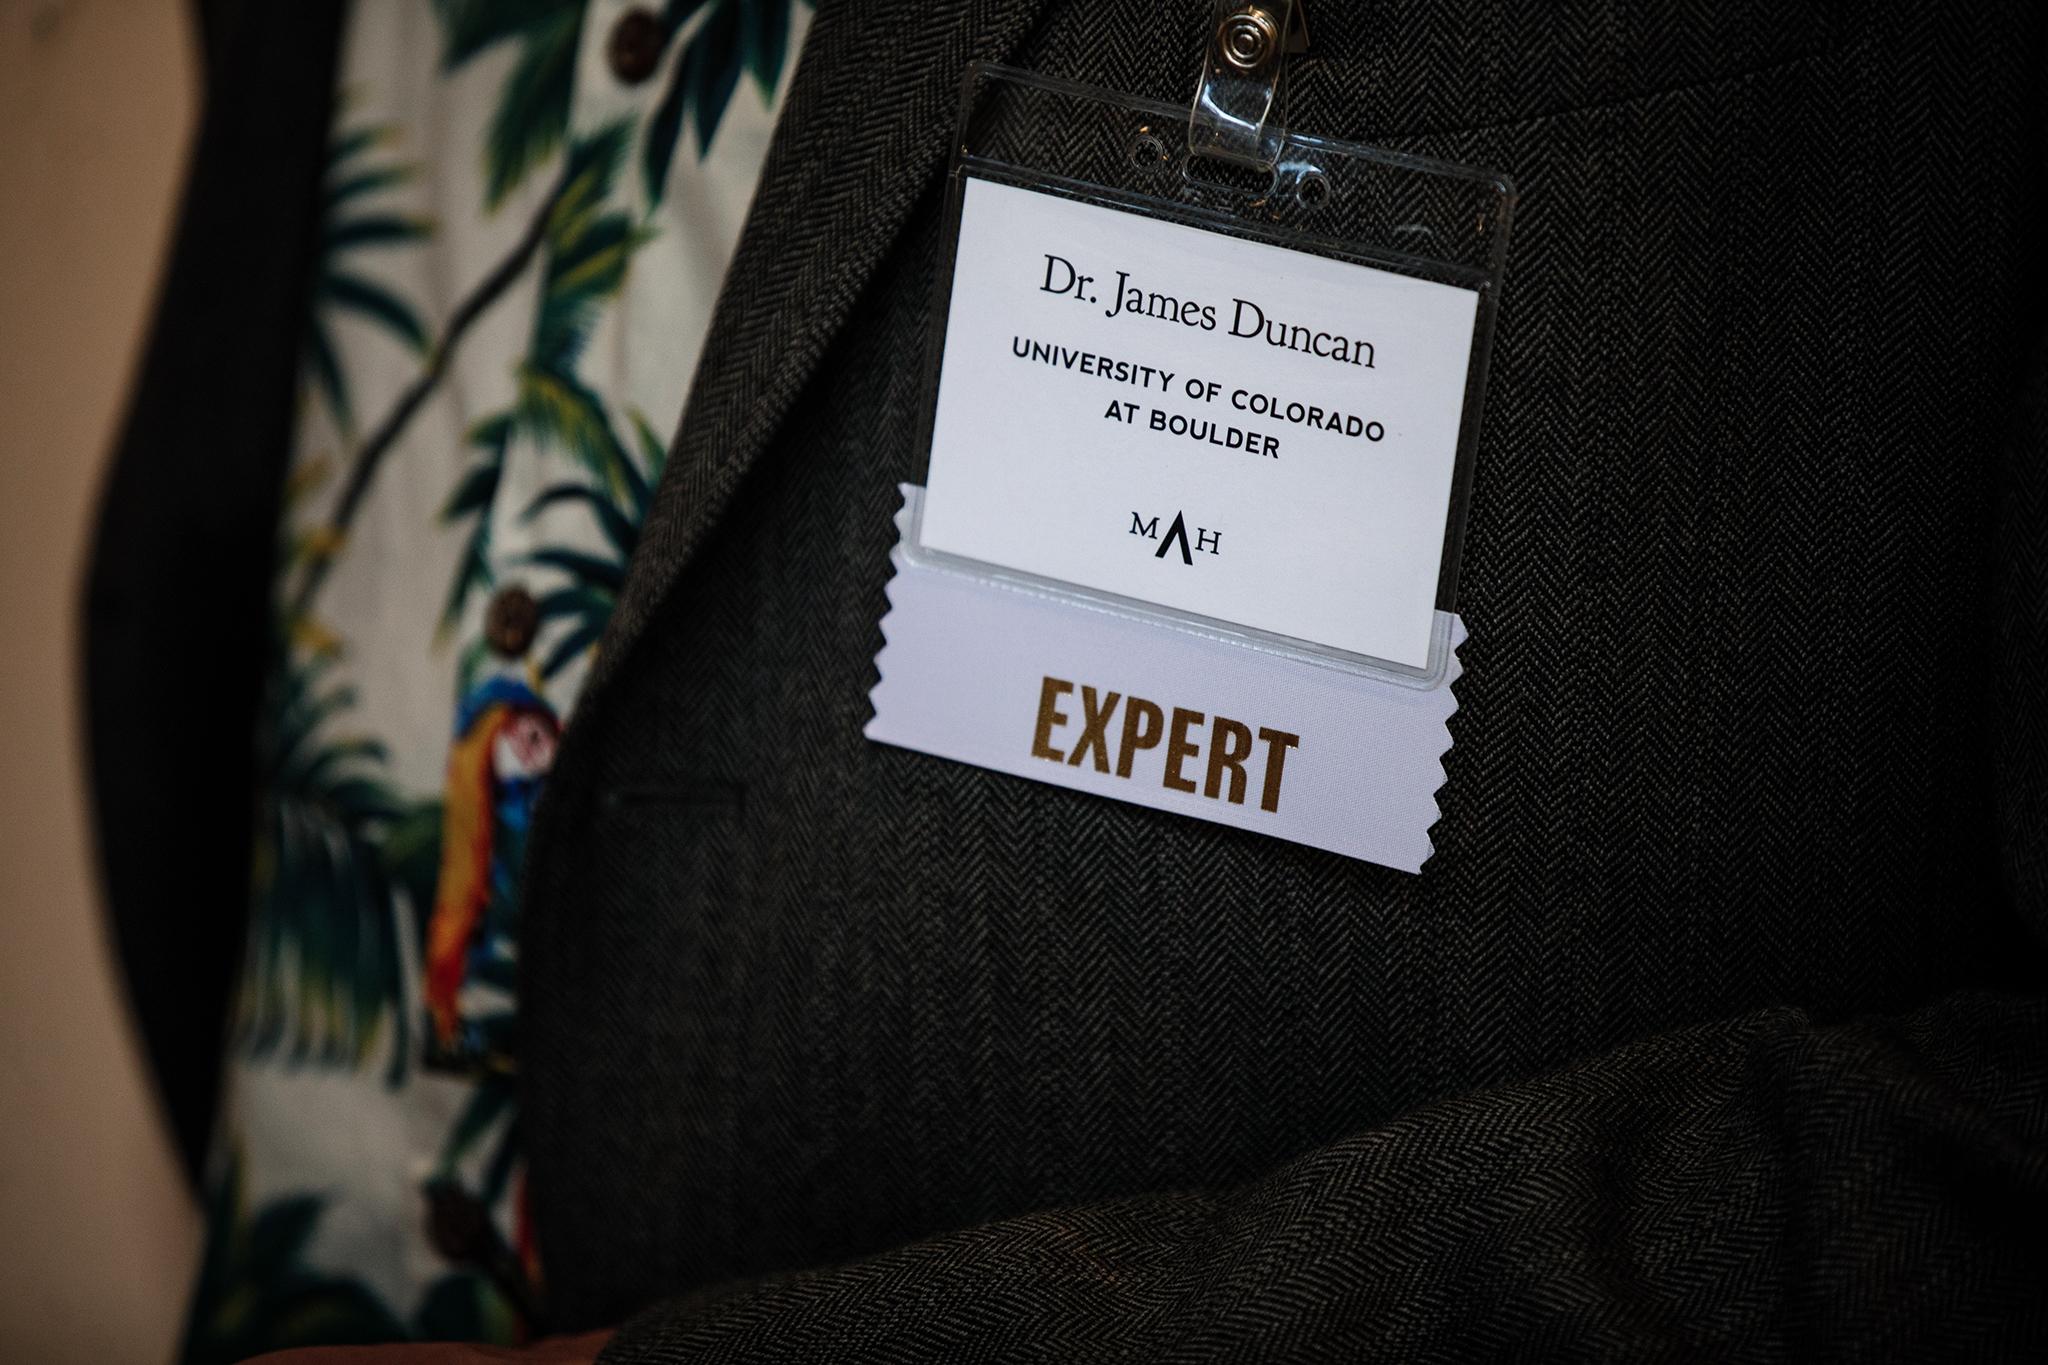 jkdc_moahkaneko-expert.jpg